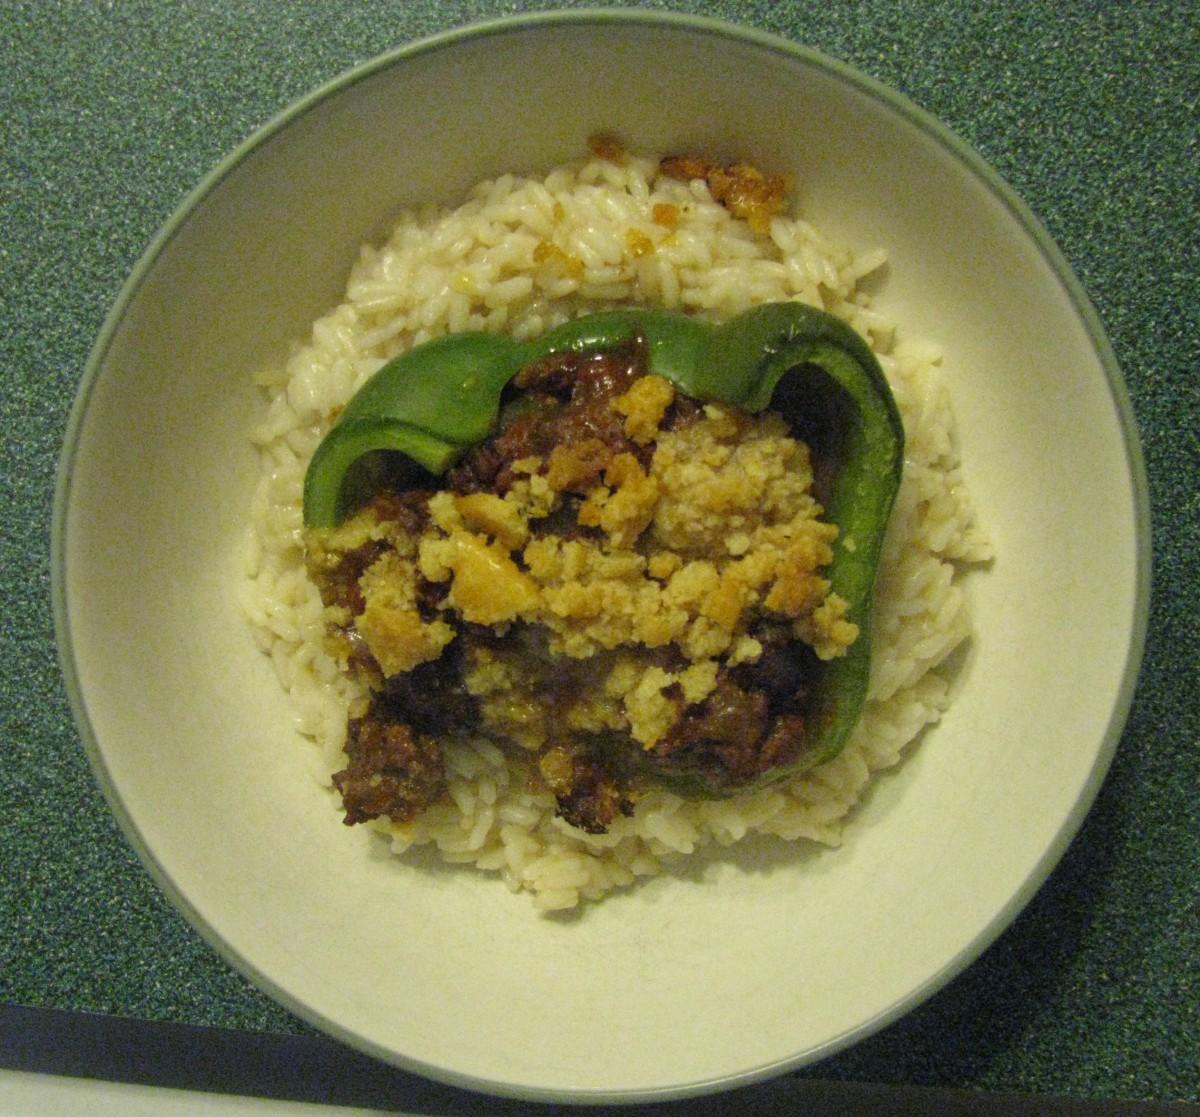 Finished product over rice. Enjoy!